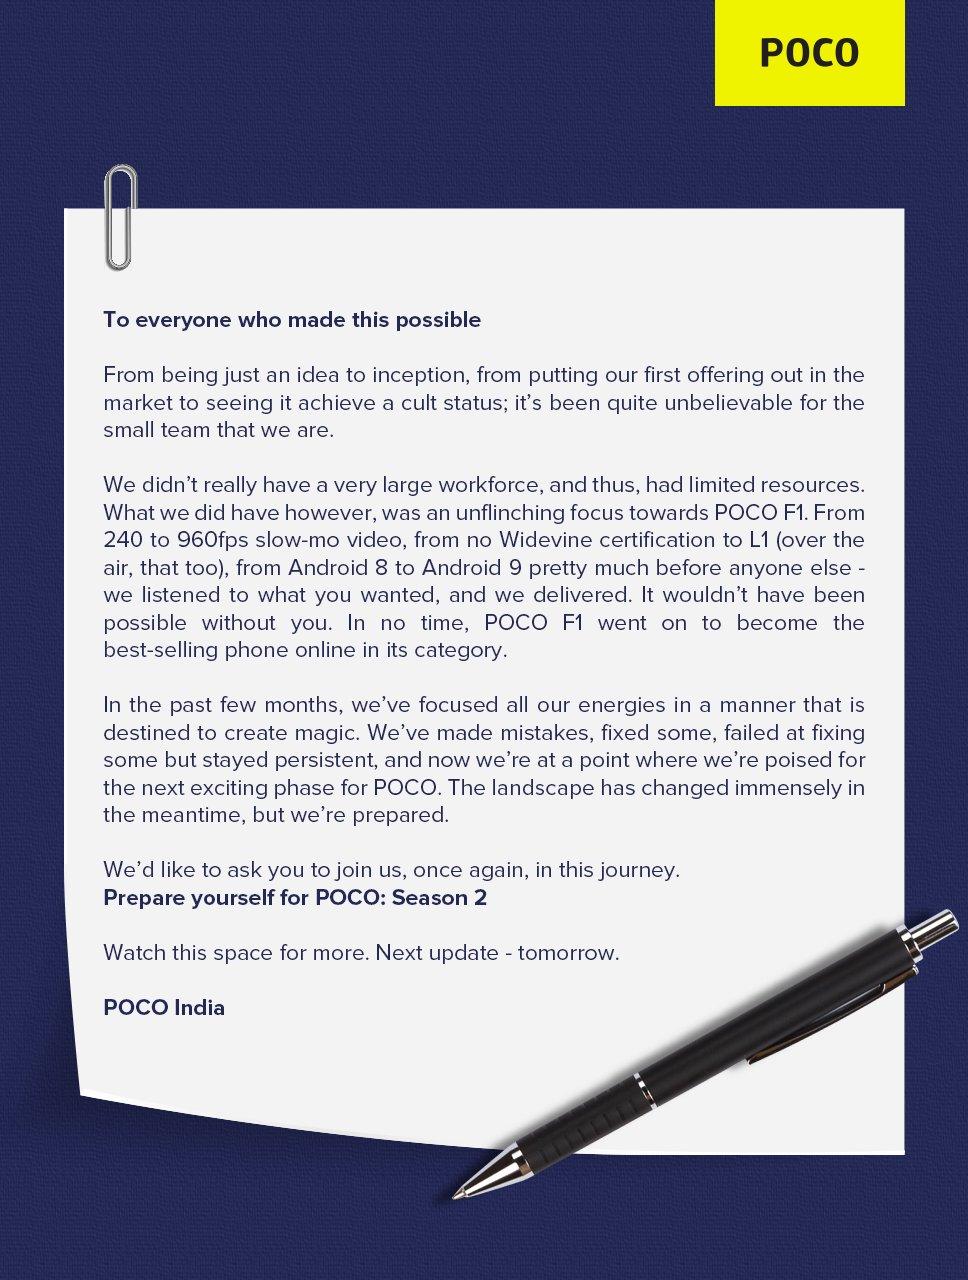 Pocophone ha scelto un modo bizzarro per annunciare l'arrivo di Poco F2 (o forse si tratta di tutt'altro?) (video)